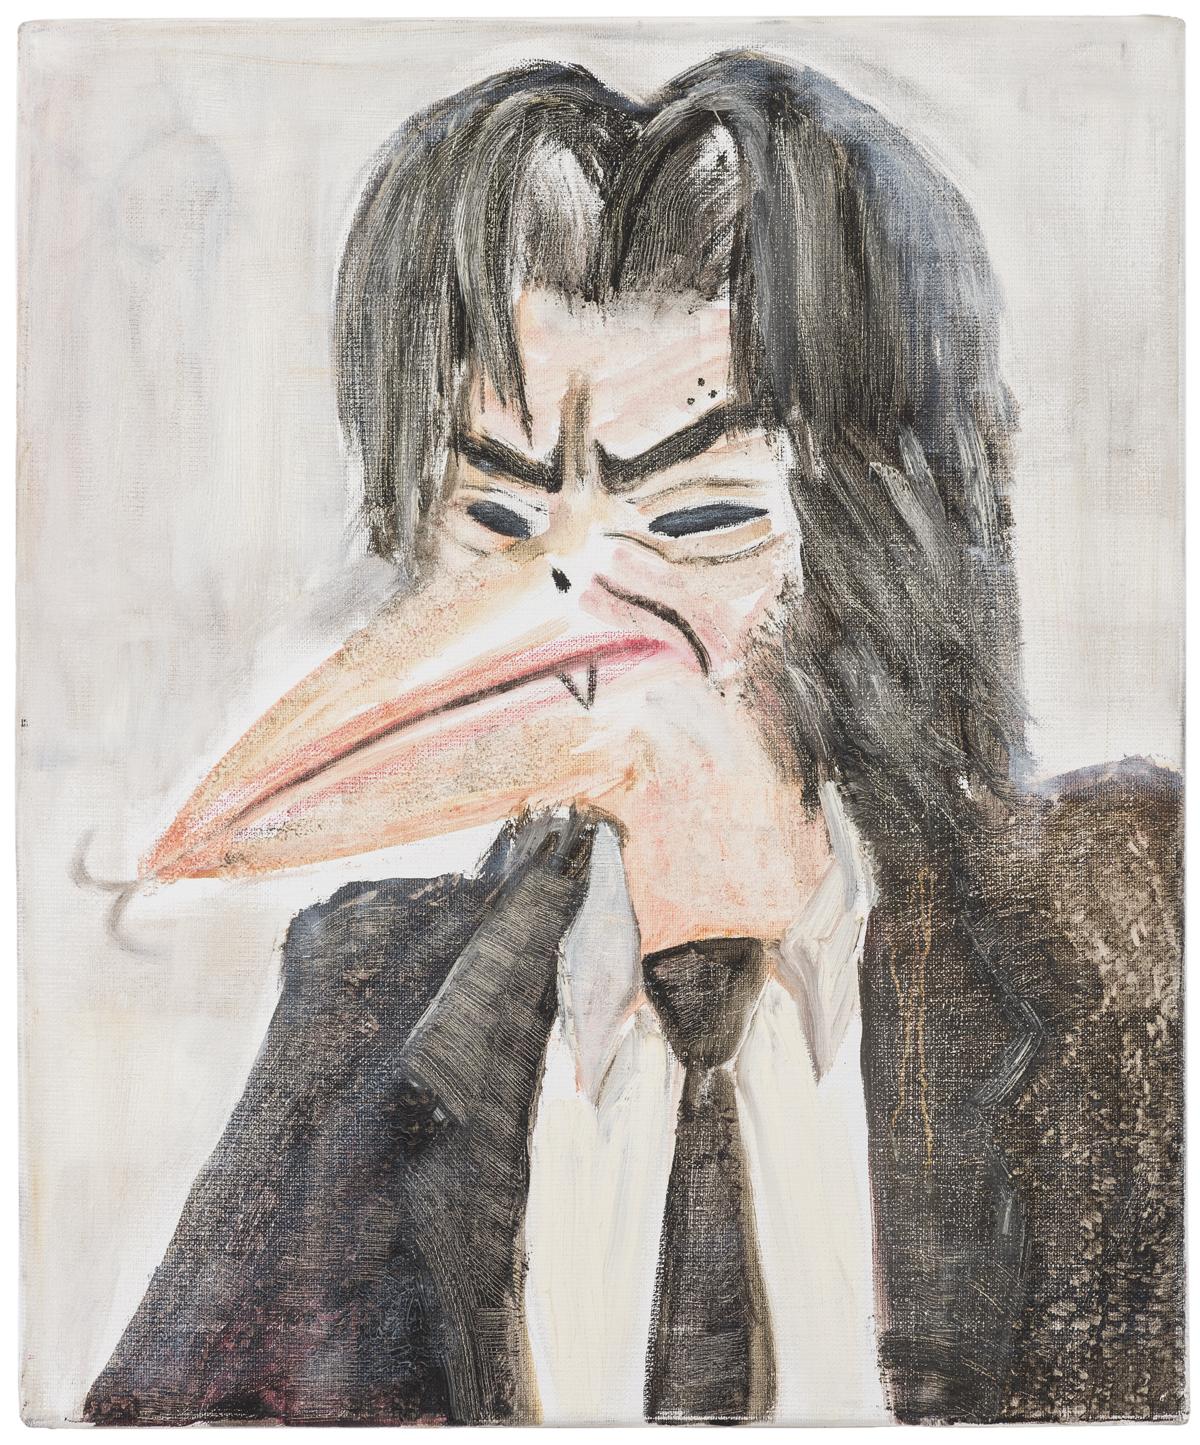 Abdul Vas. Into the Hole. Benicio Del Toro 21 Grams, 2008